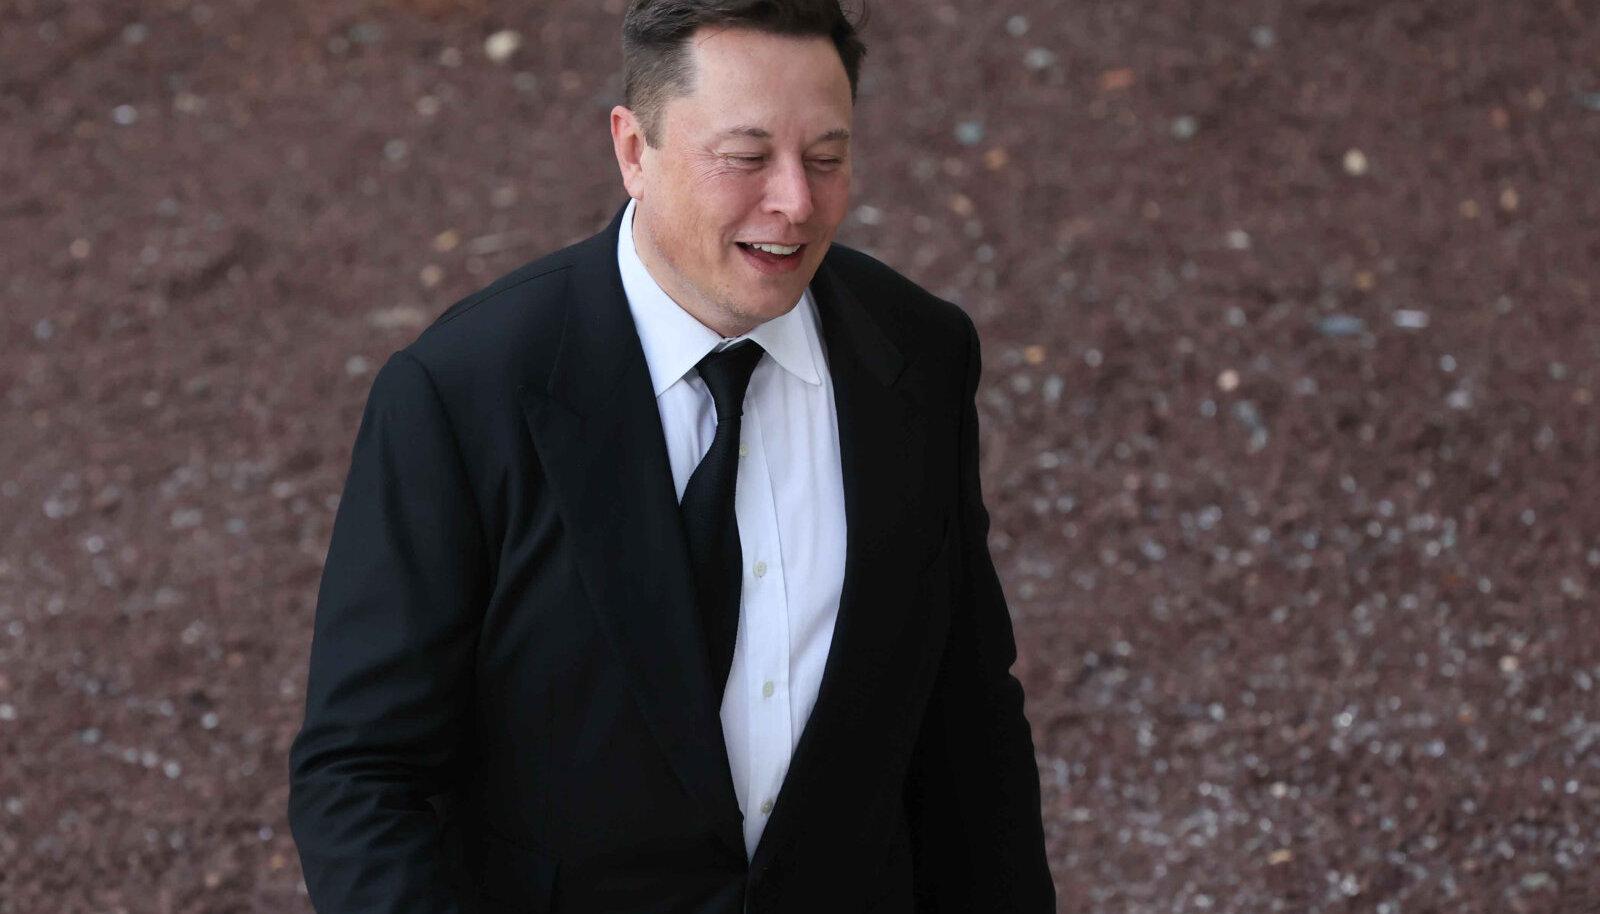 Tesla asutaja Elon Musk lahkumas New Castle'i maakonna kohtumajast Wilmingtonis pärast tunnistuste andmist kantseleikohtus